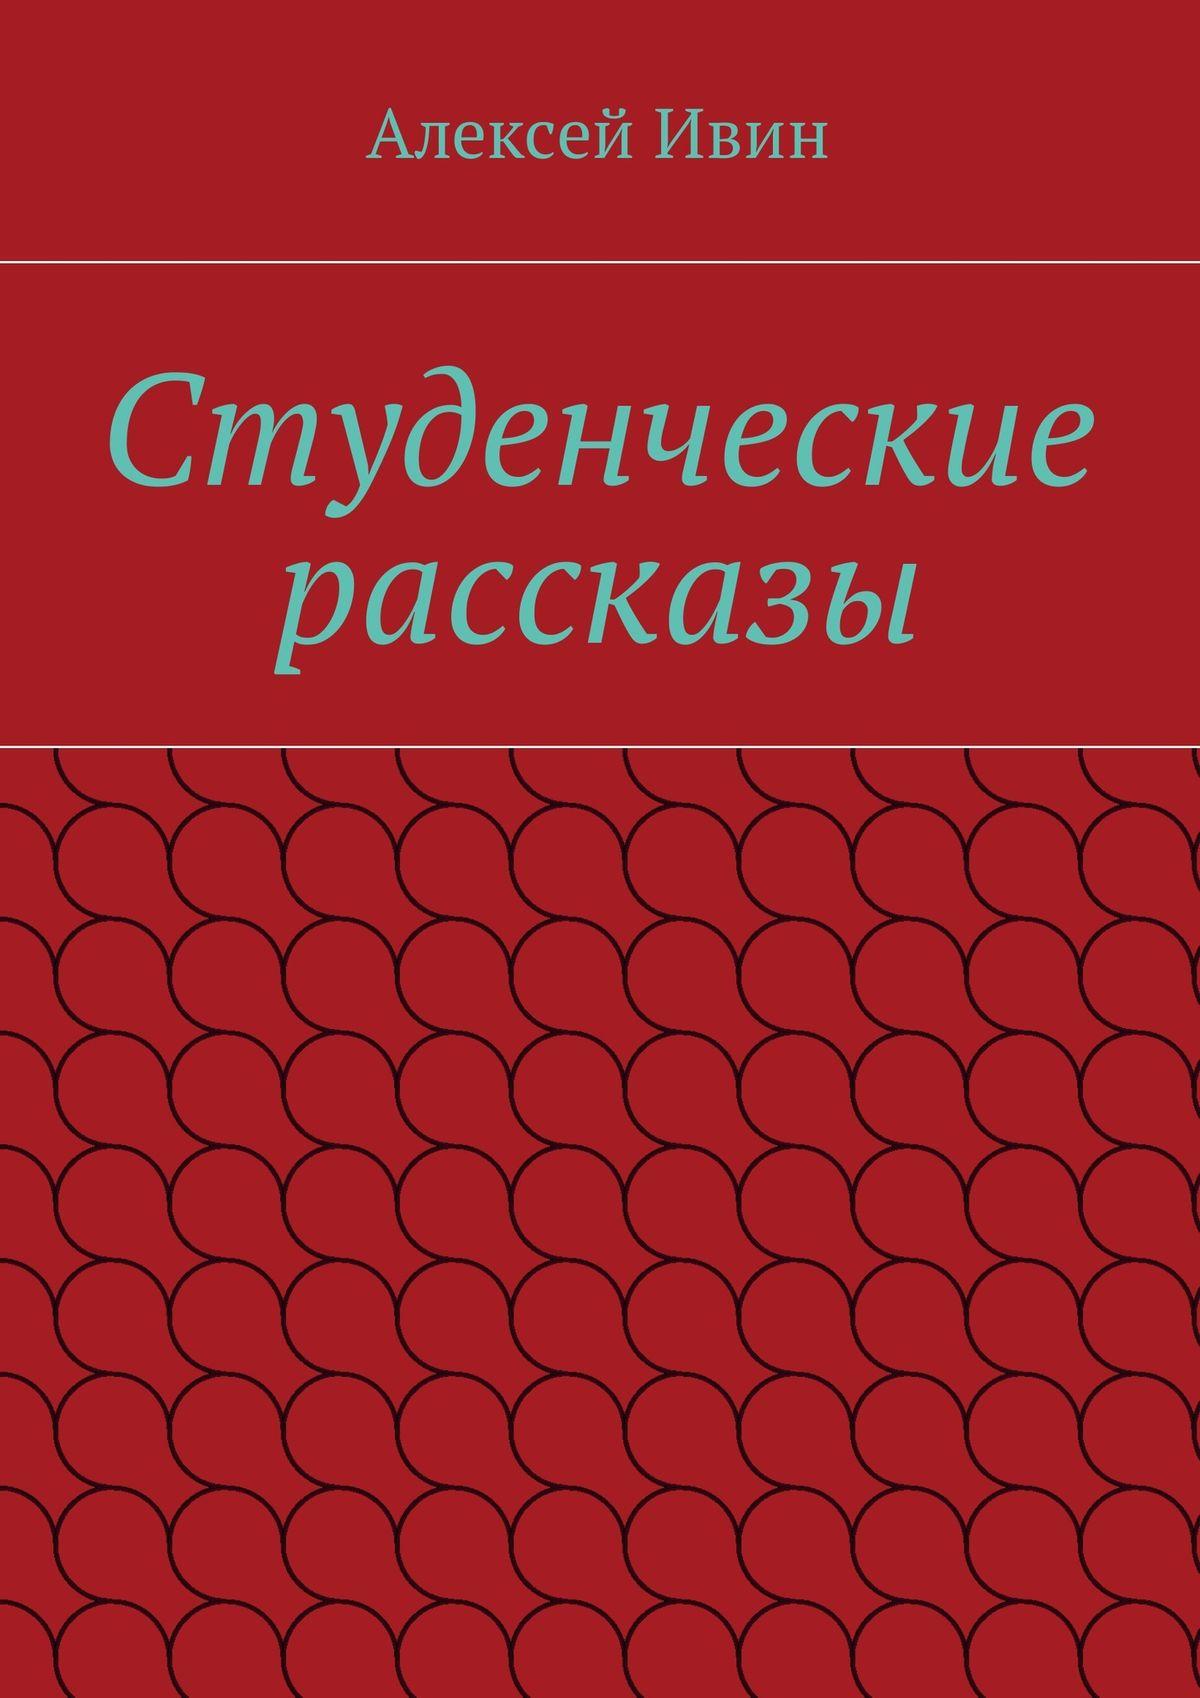 Алексей Ивин Студенческие рассказы цена